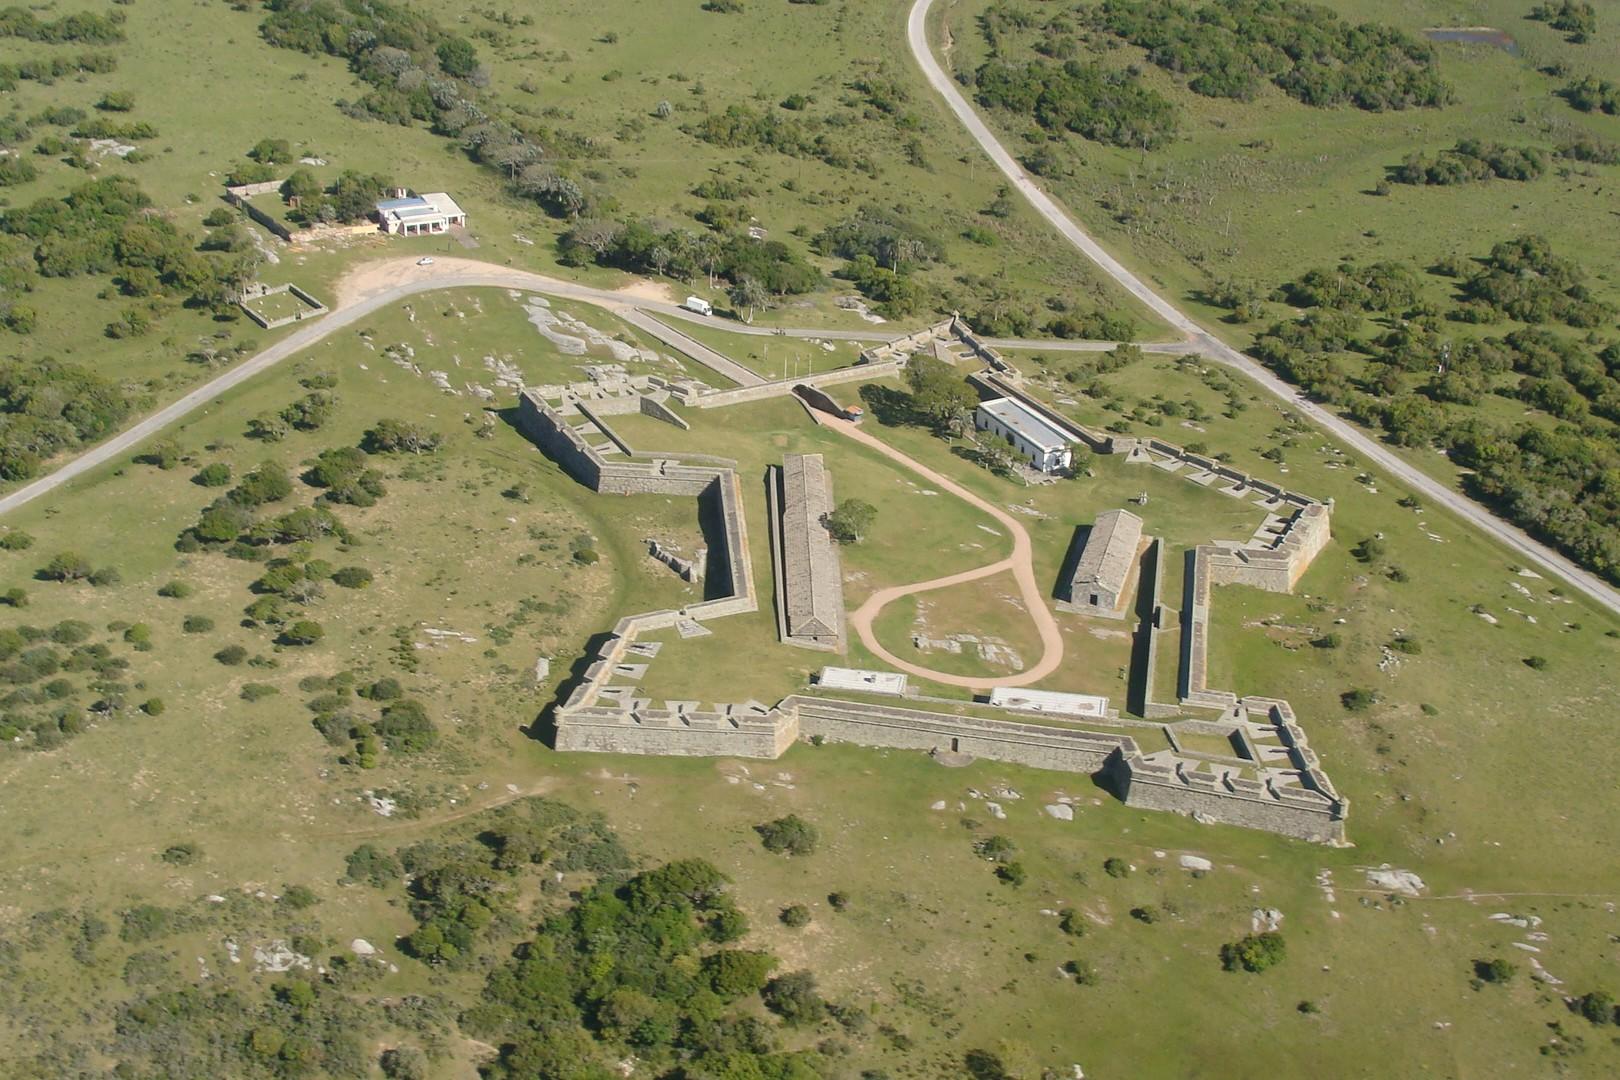 Parque Nacional de Santa Teresa no Uruguai: área